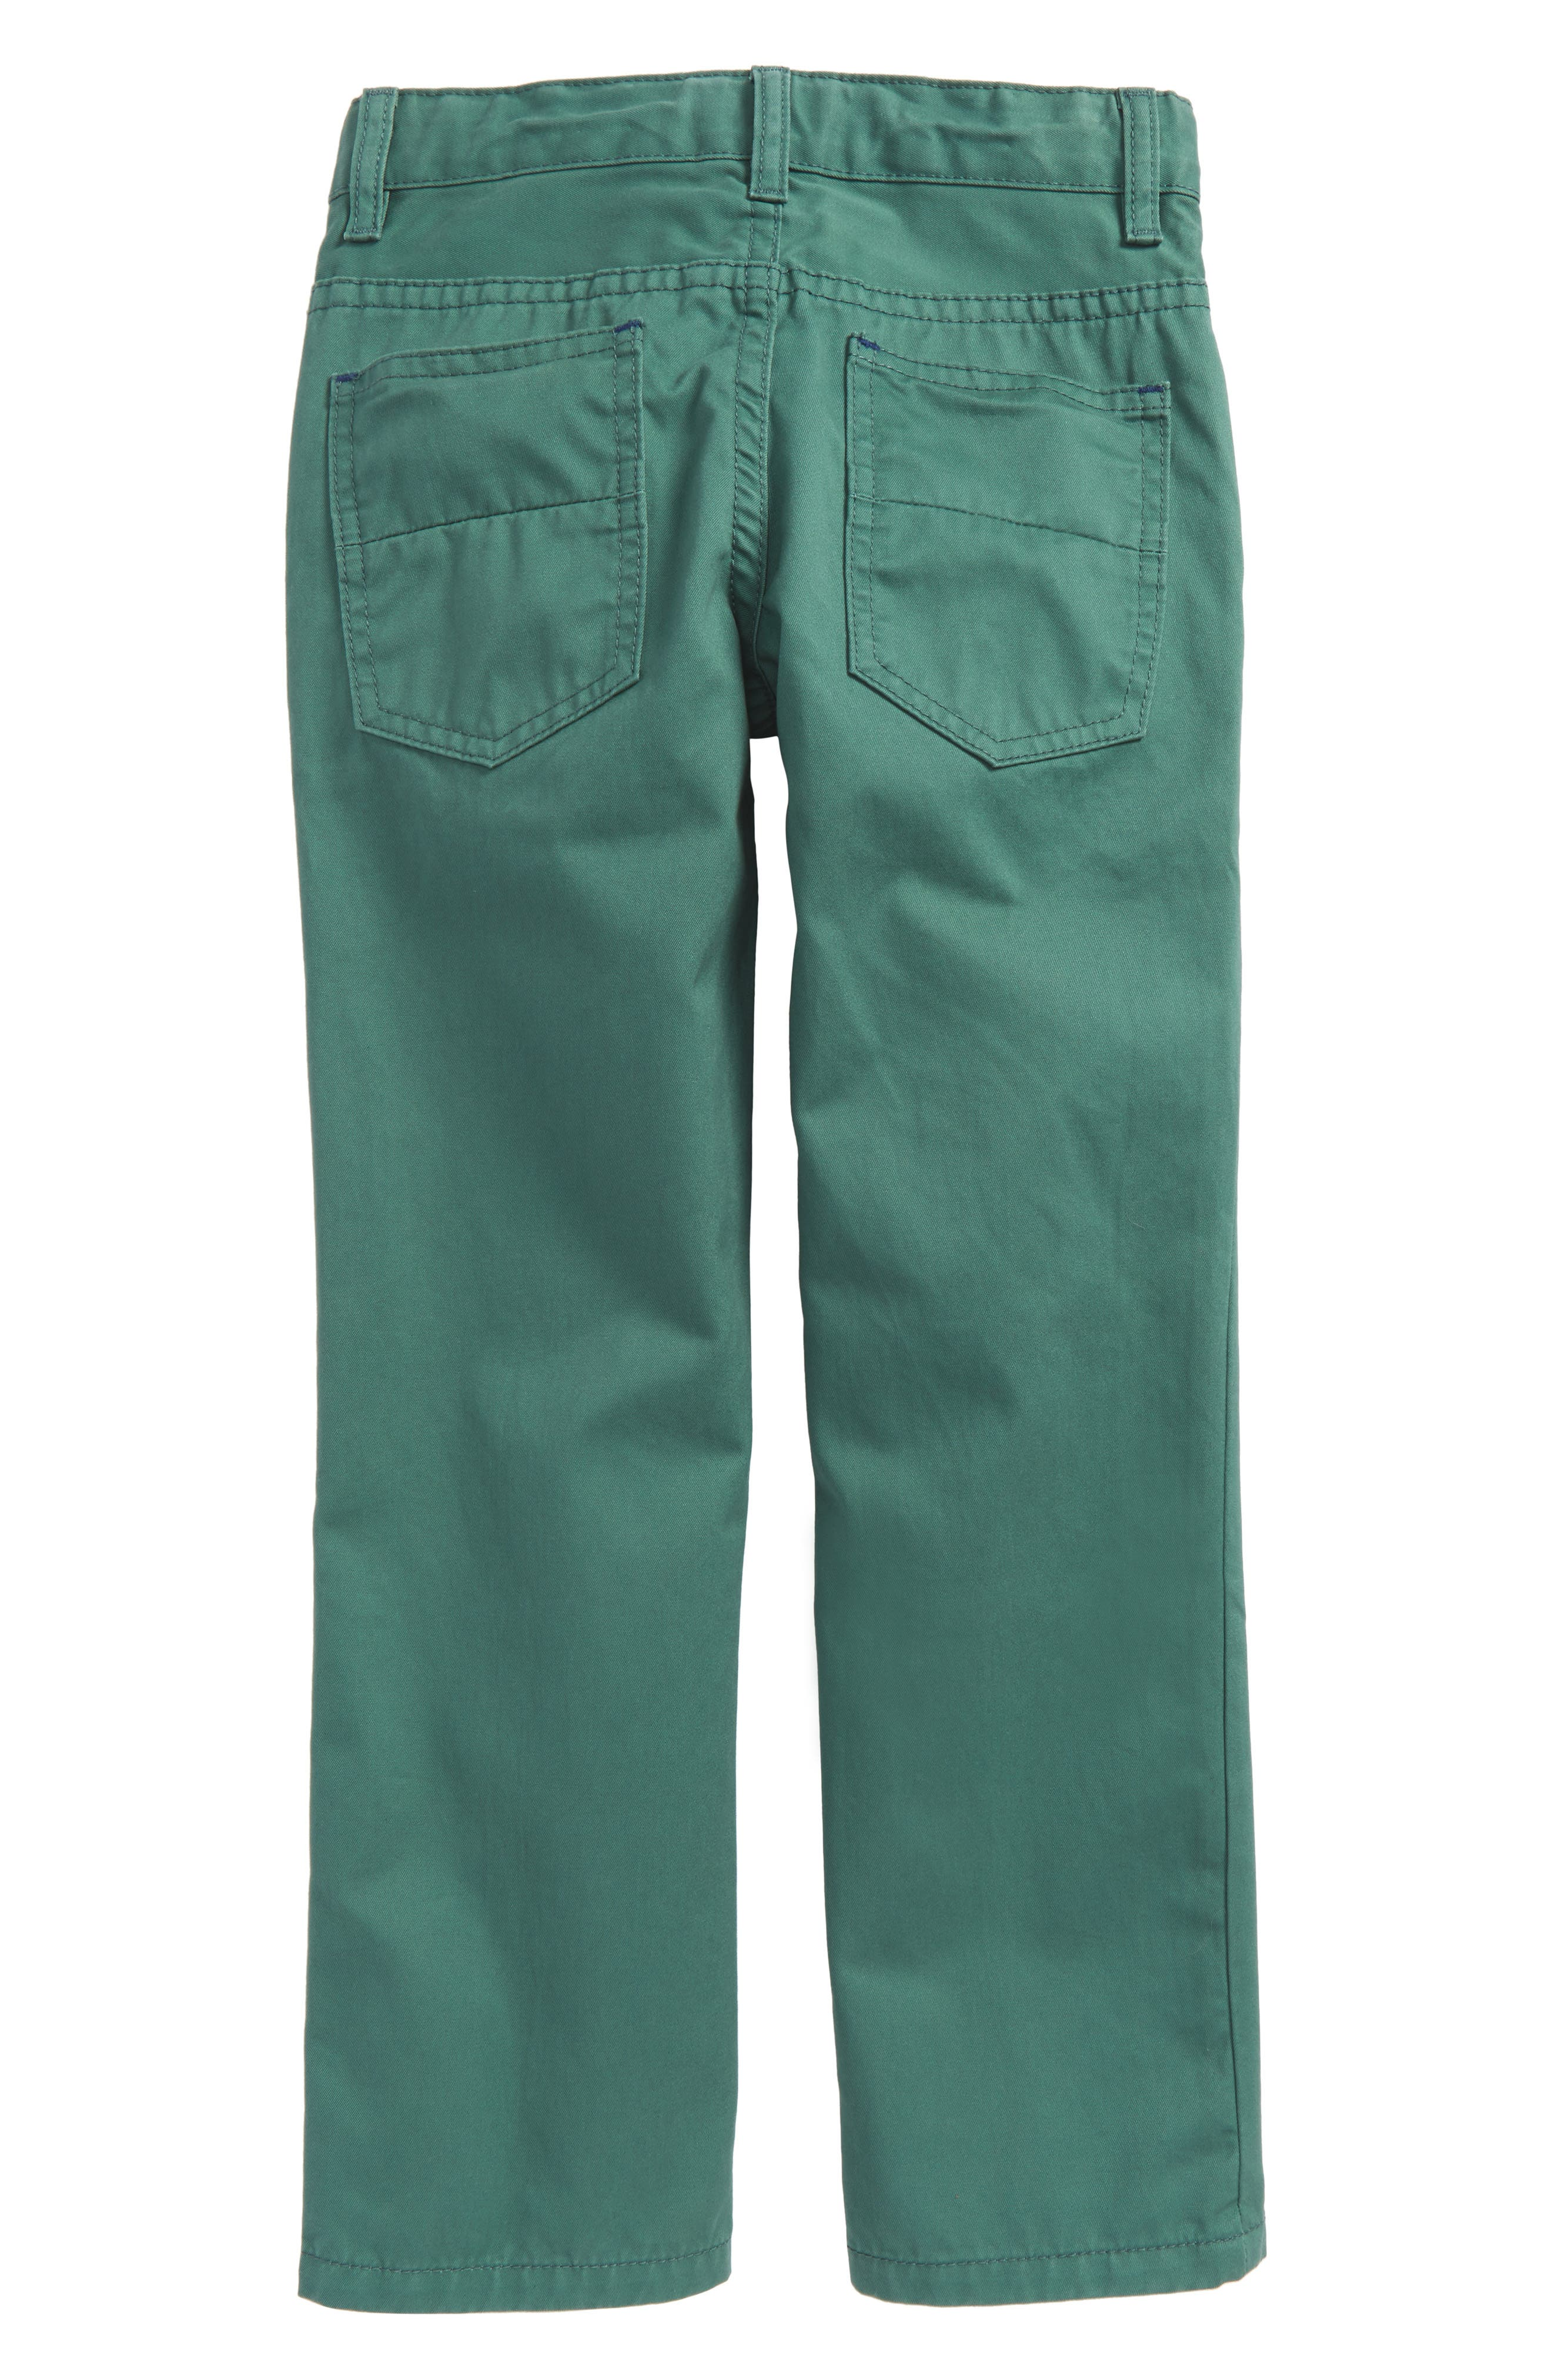 Slim Jeans,                             Alternate thumbnail 2, color,                             Rosemary Green